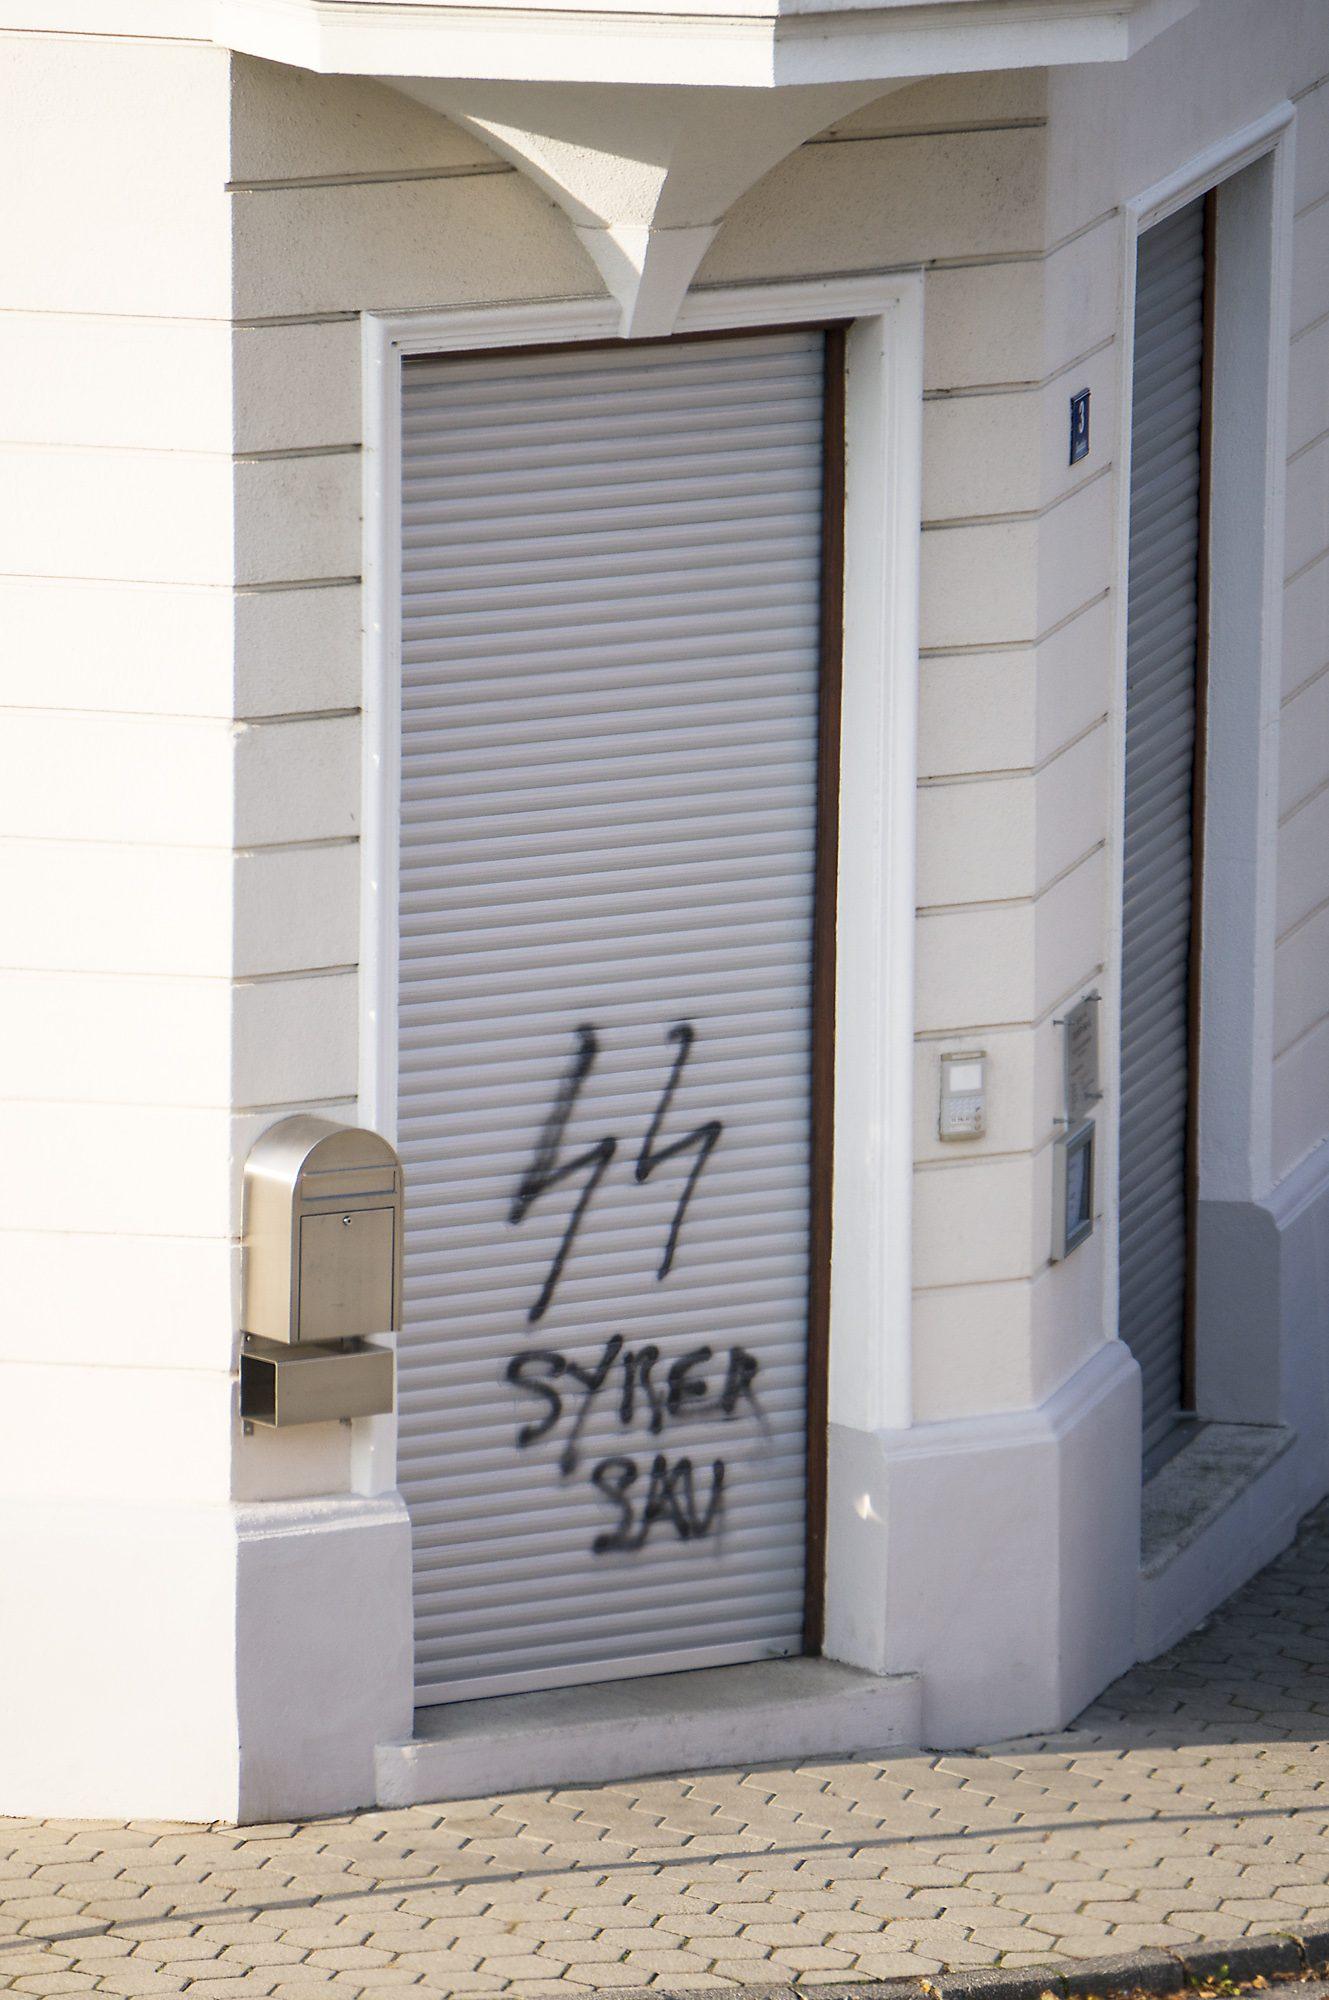 Gay Kontakte in Burgenland Gay Sex Kontakte aus deiner